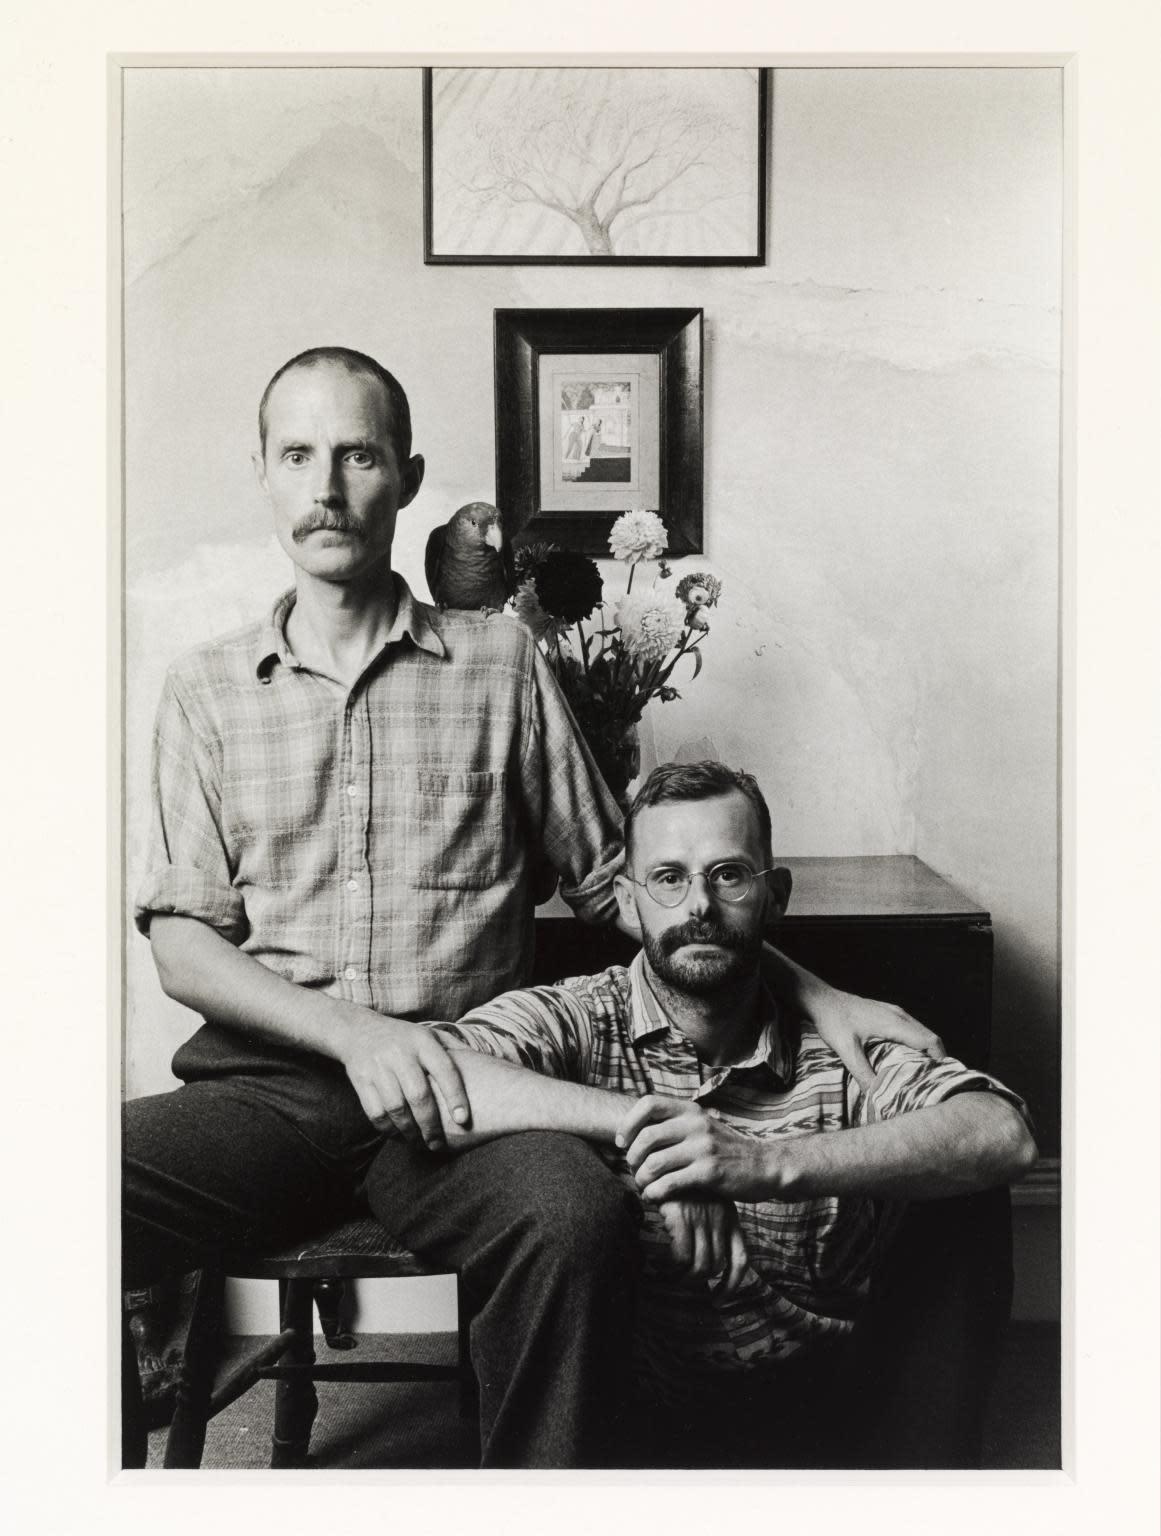 Julian & Ian, 1985